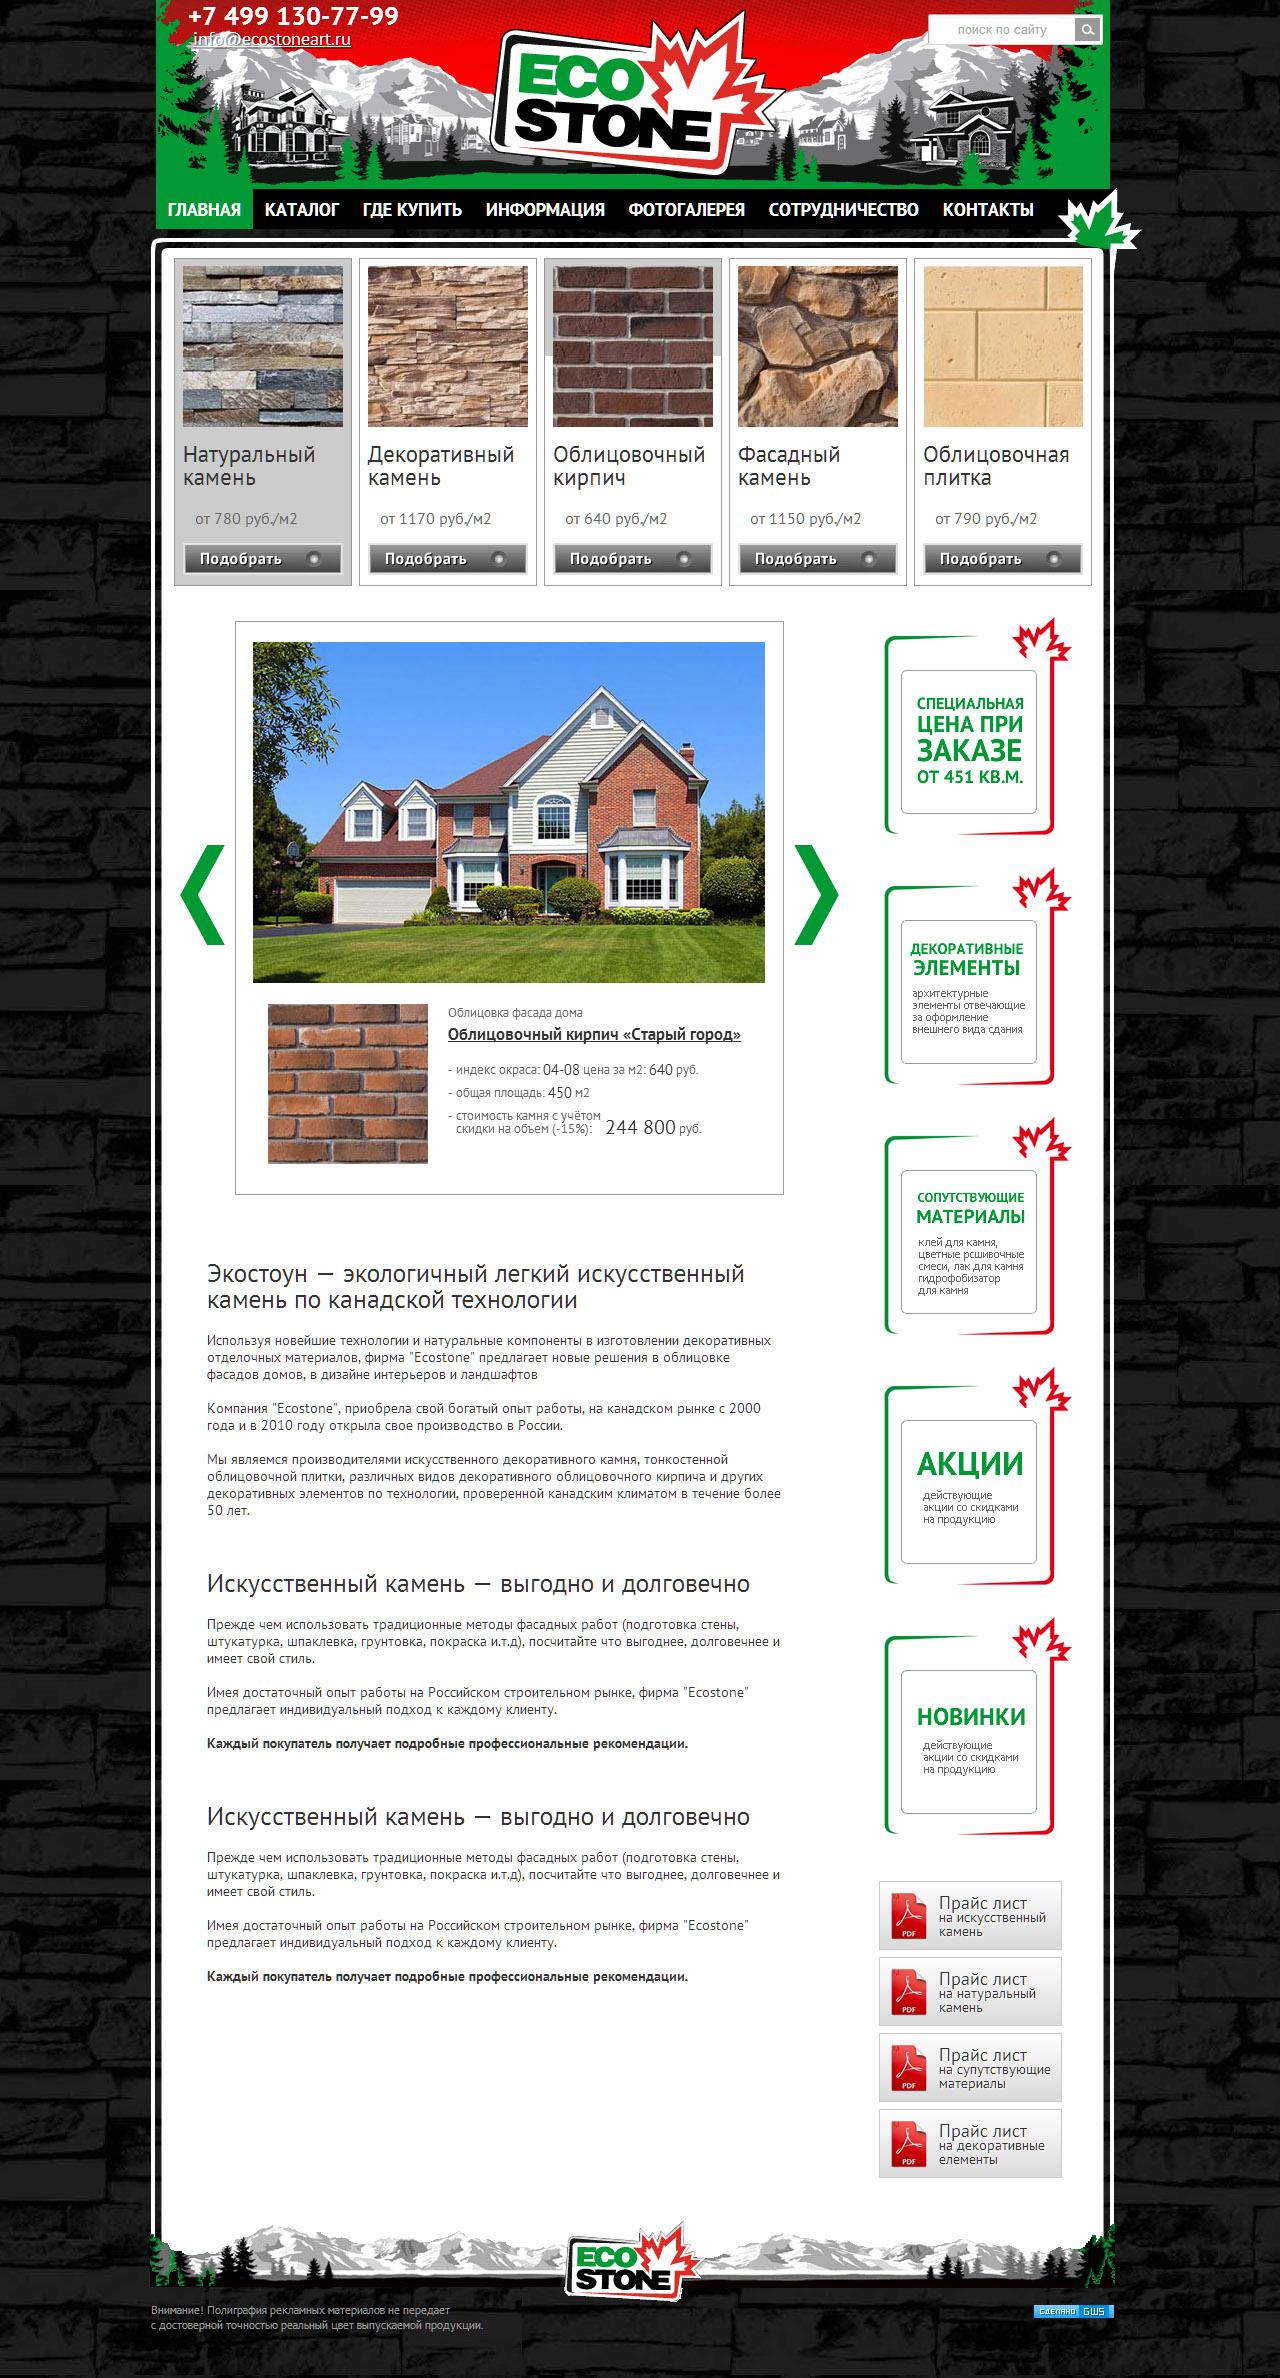 Сайт для продажи декоративного камня ECOSTONE